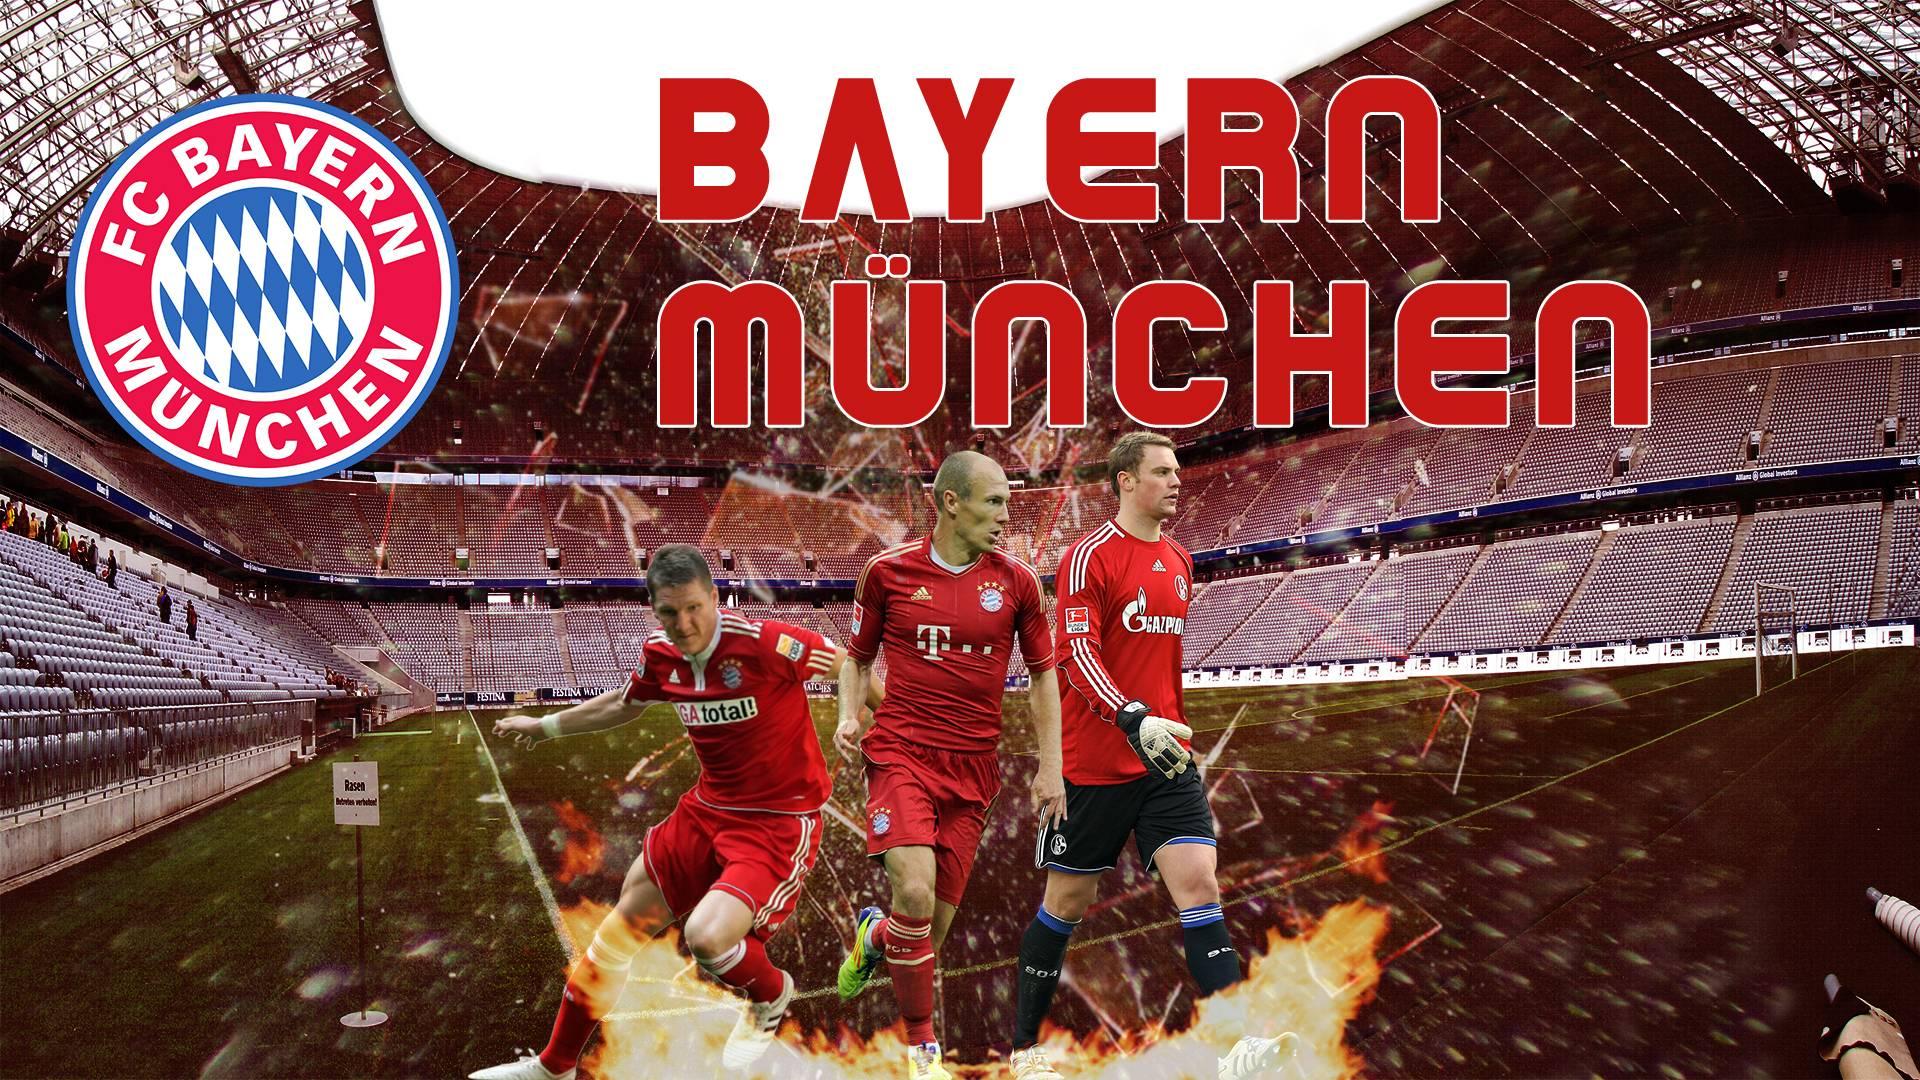 Bayern Munich Wallpapers Free 1080p #12357 Wallpaper   Cool ...